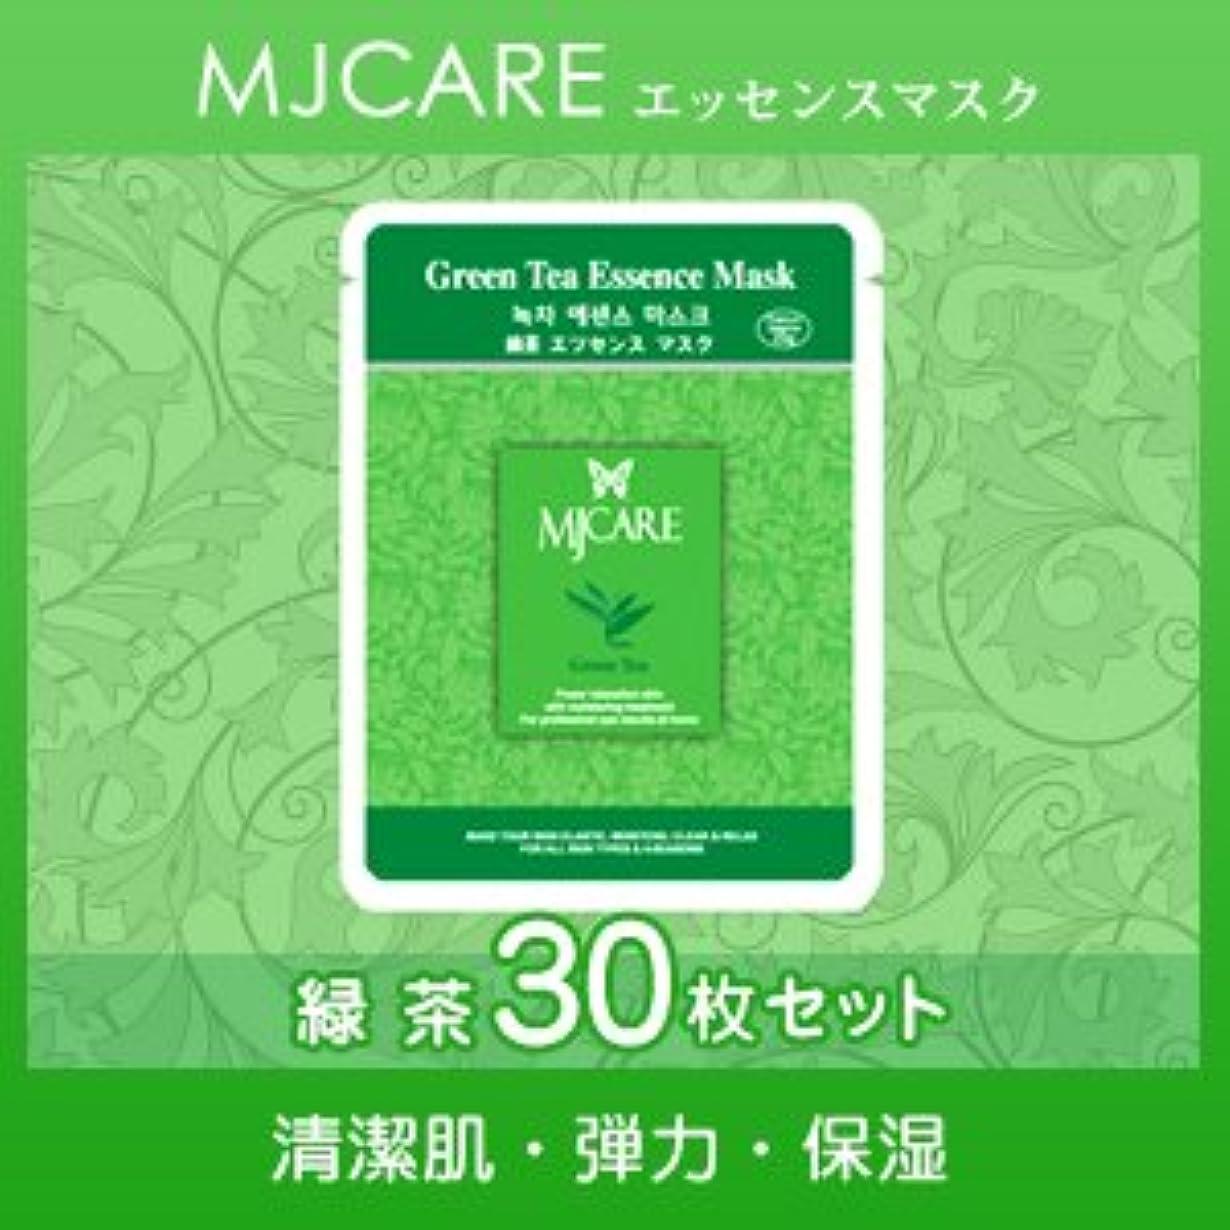 大臣質素な傾斜MJCARE (エムジェイケア) 緑茶 エッセンスマスク 30セット